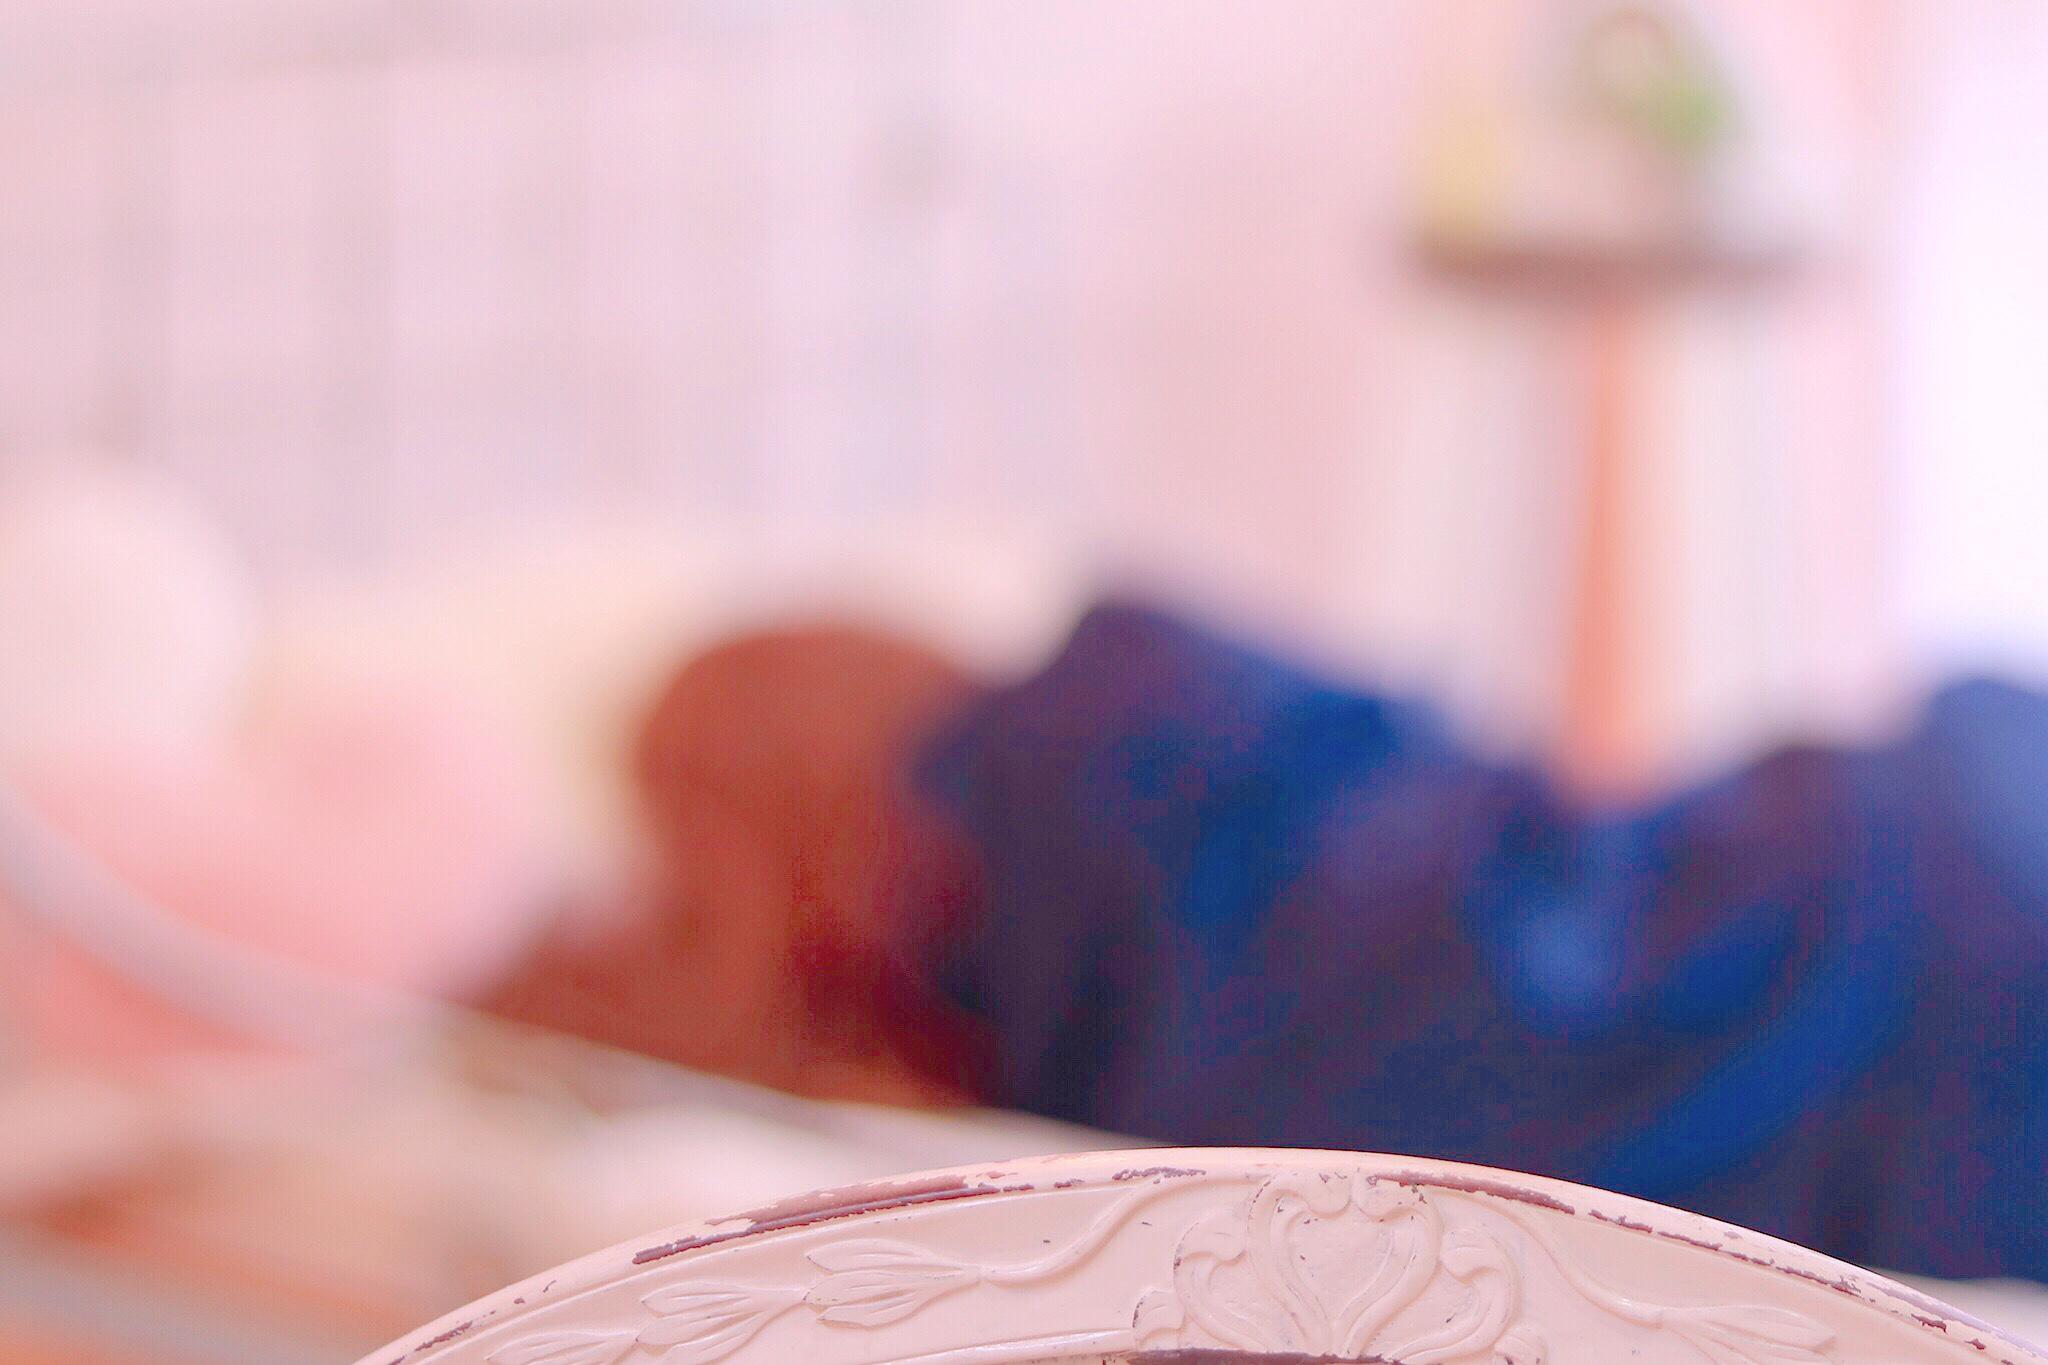 【エクササイズ】良質な睡眠へ♡寝たままツイストレッチ